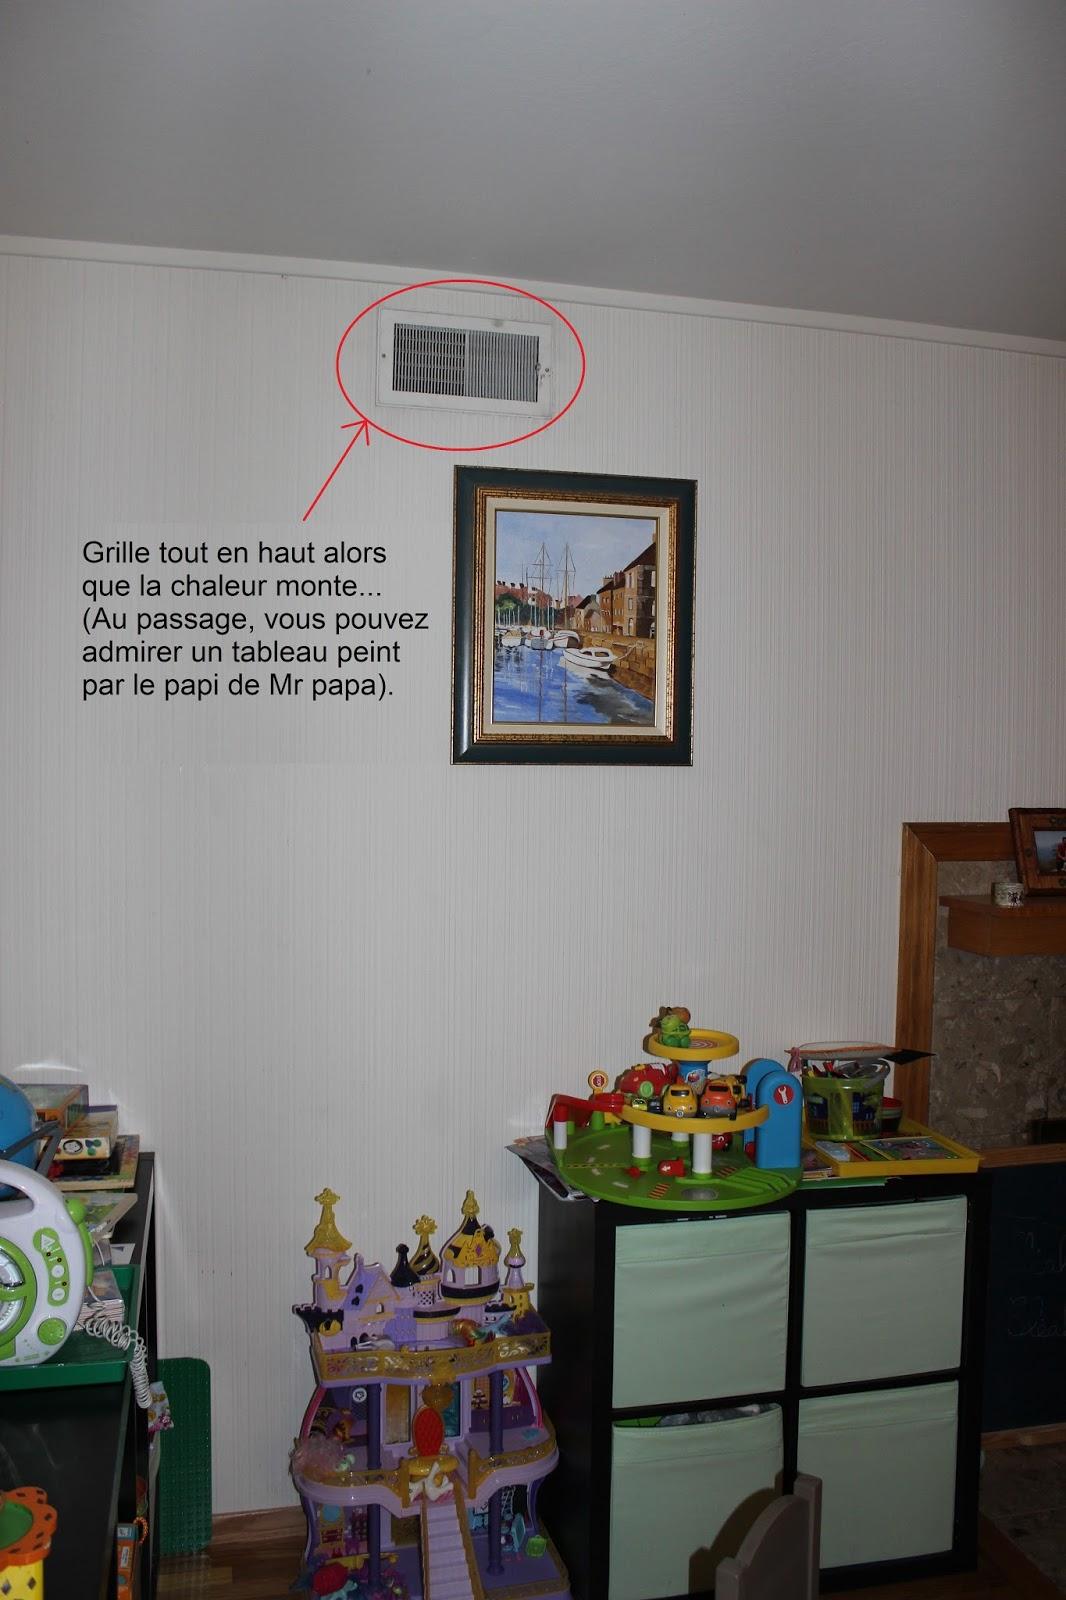 moyenne gaz maison top propane et maison with moyenne gaz maison finest une chaudire gaz. Black Bedroom Furniture Sets. Home Design Ideas